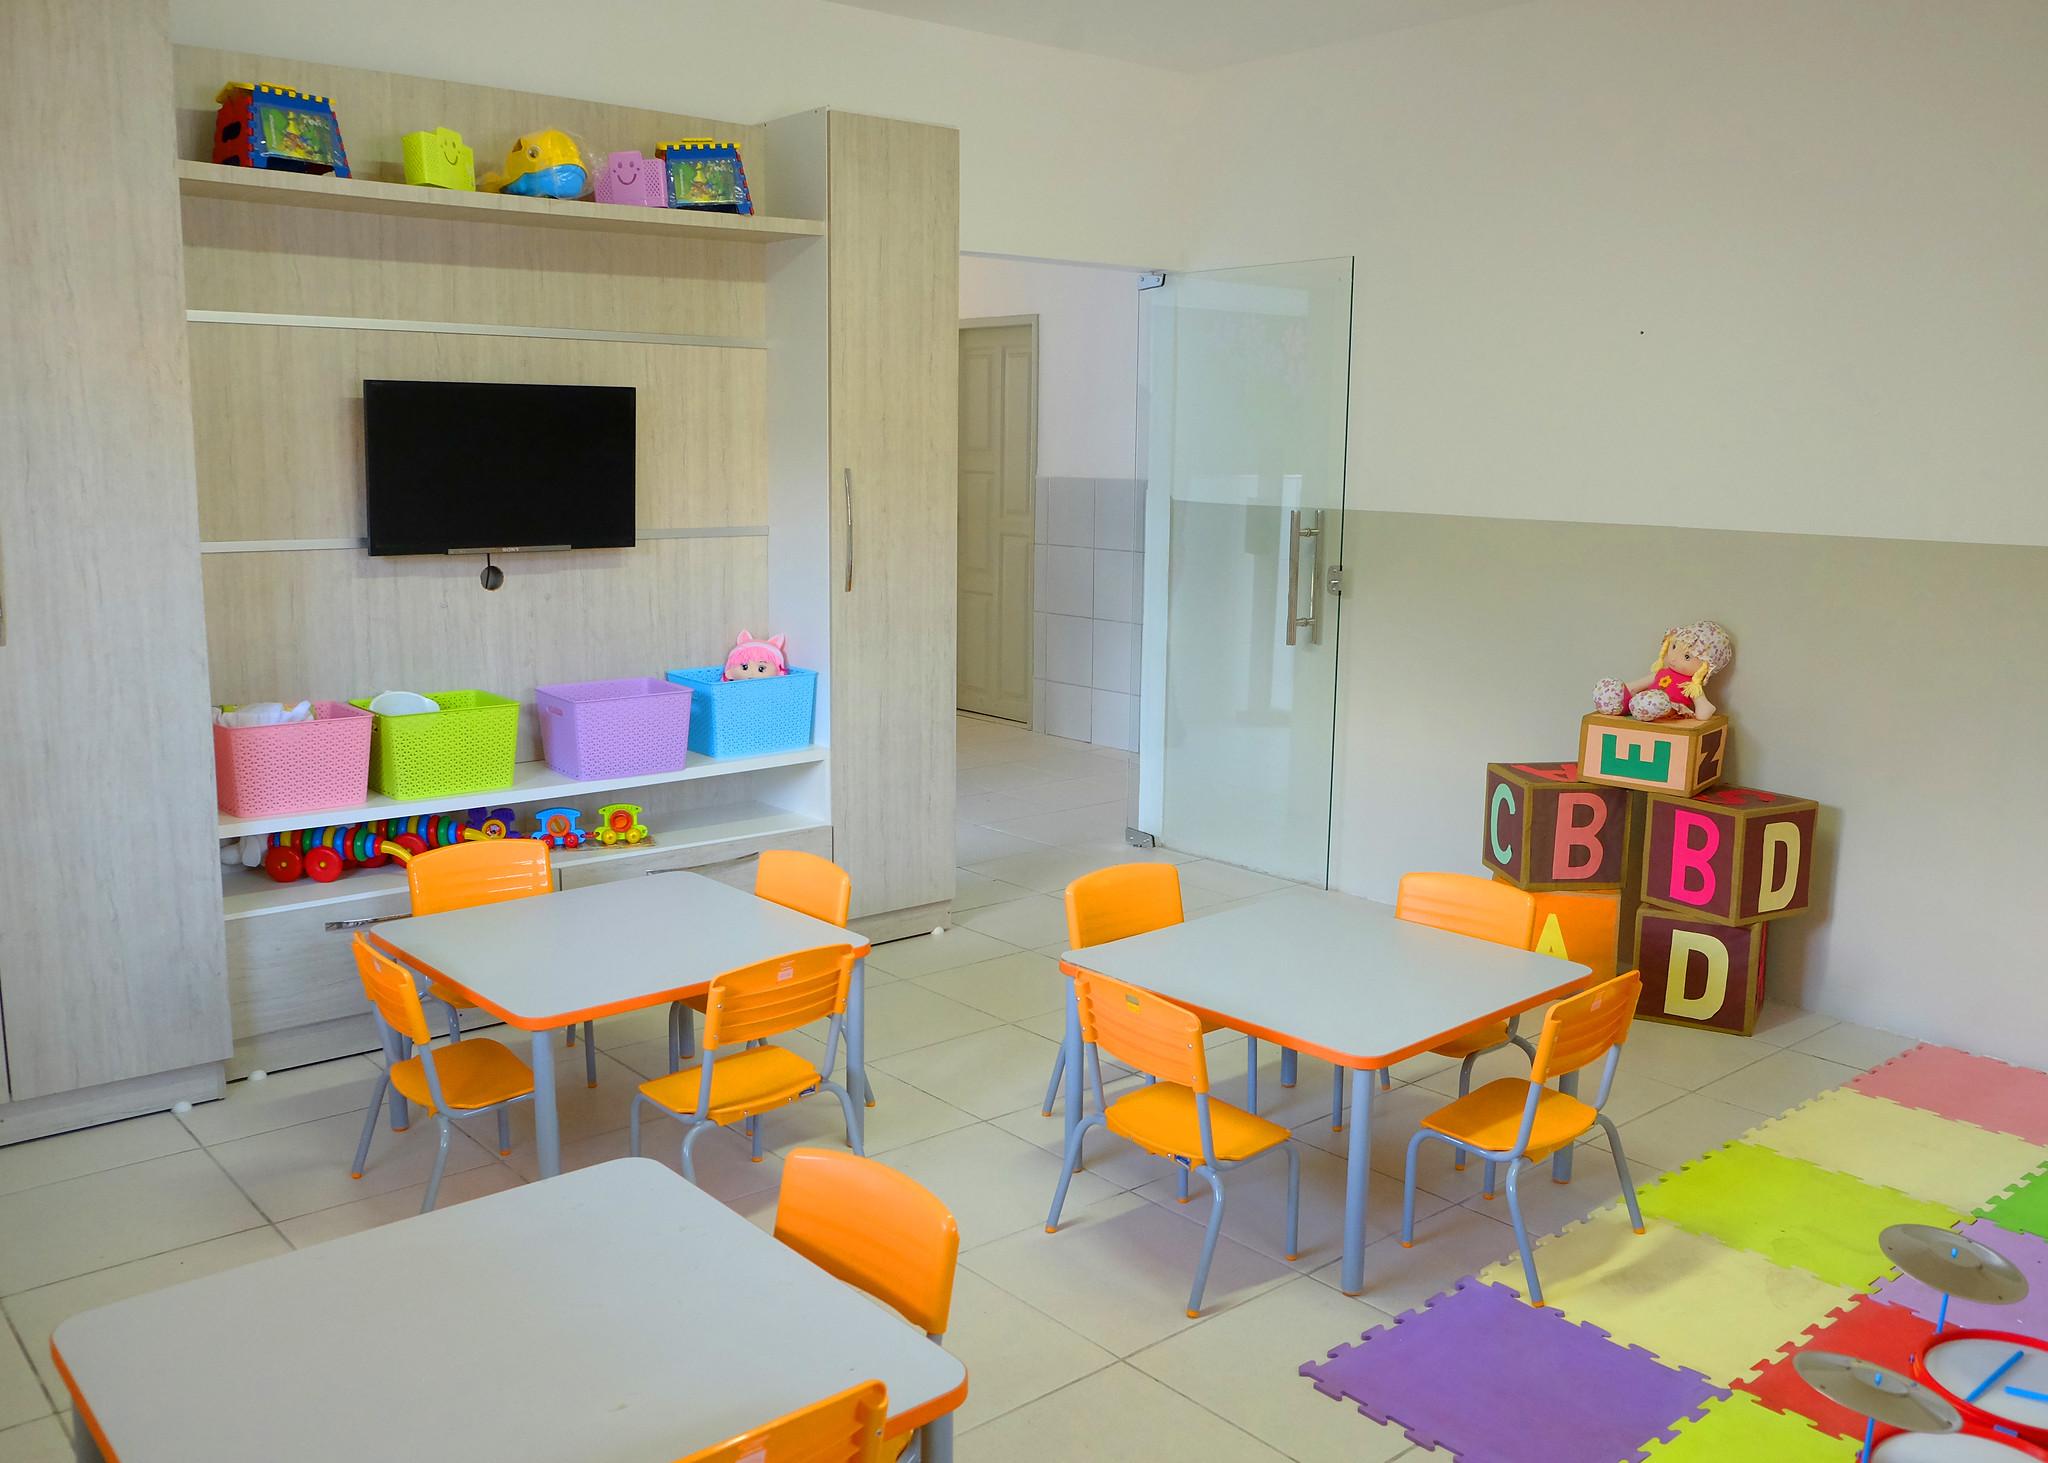 Prefeitura realiza transferência de escolas e UEIs para prédios com melhor estrutura